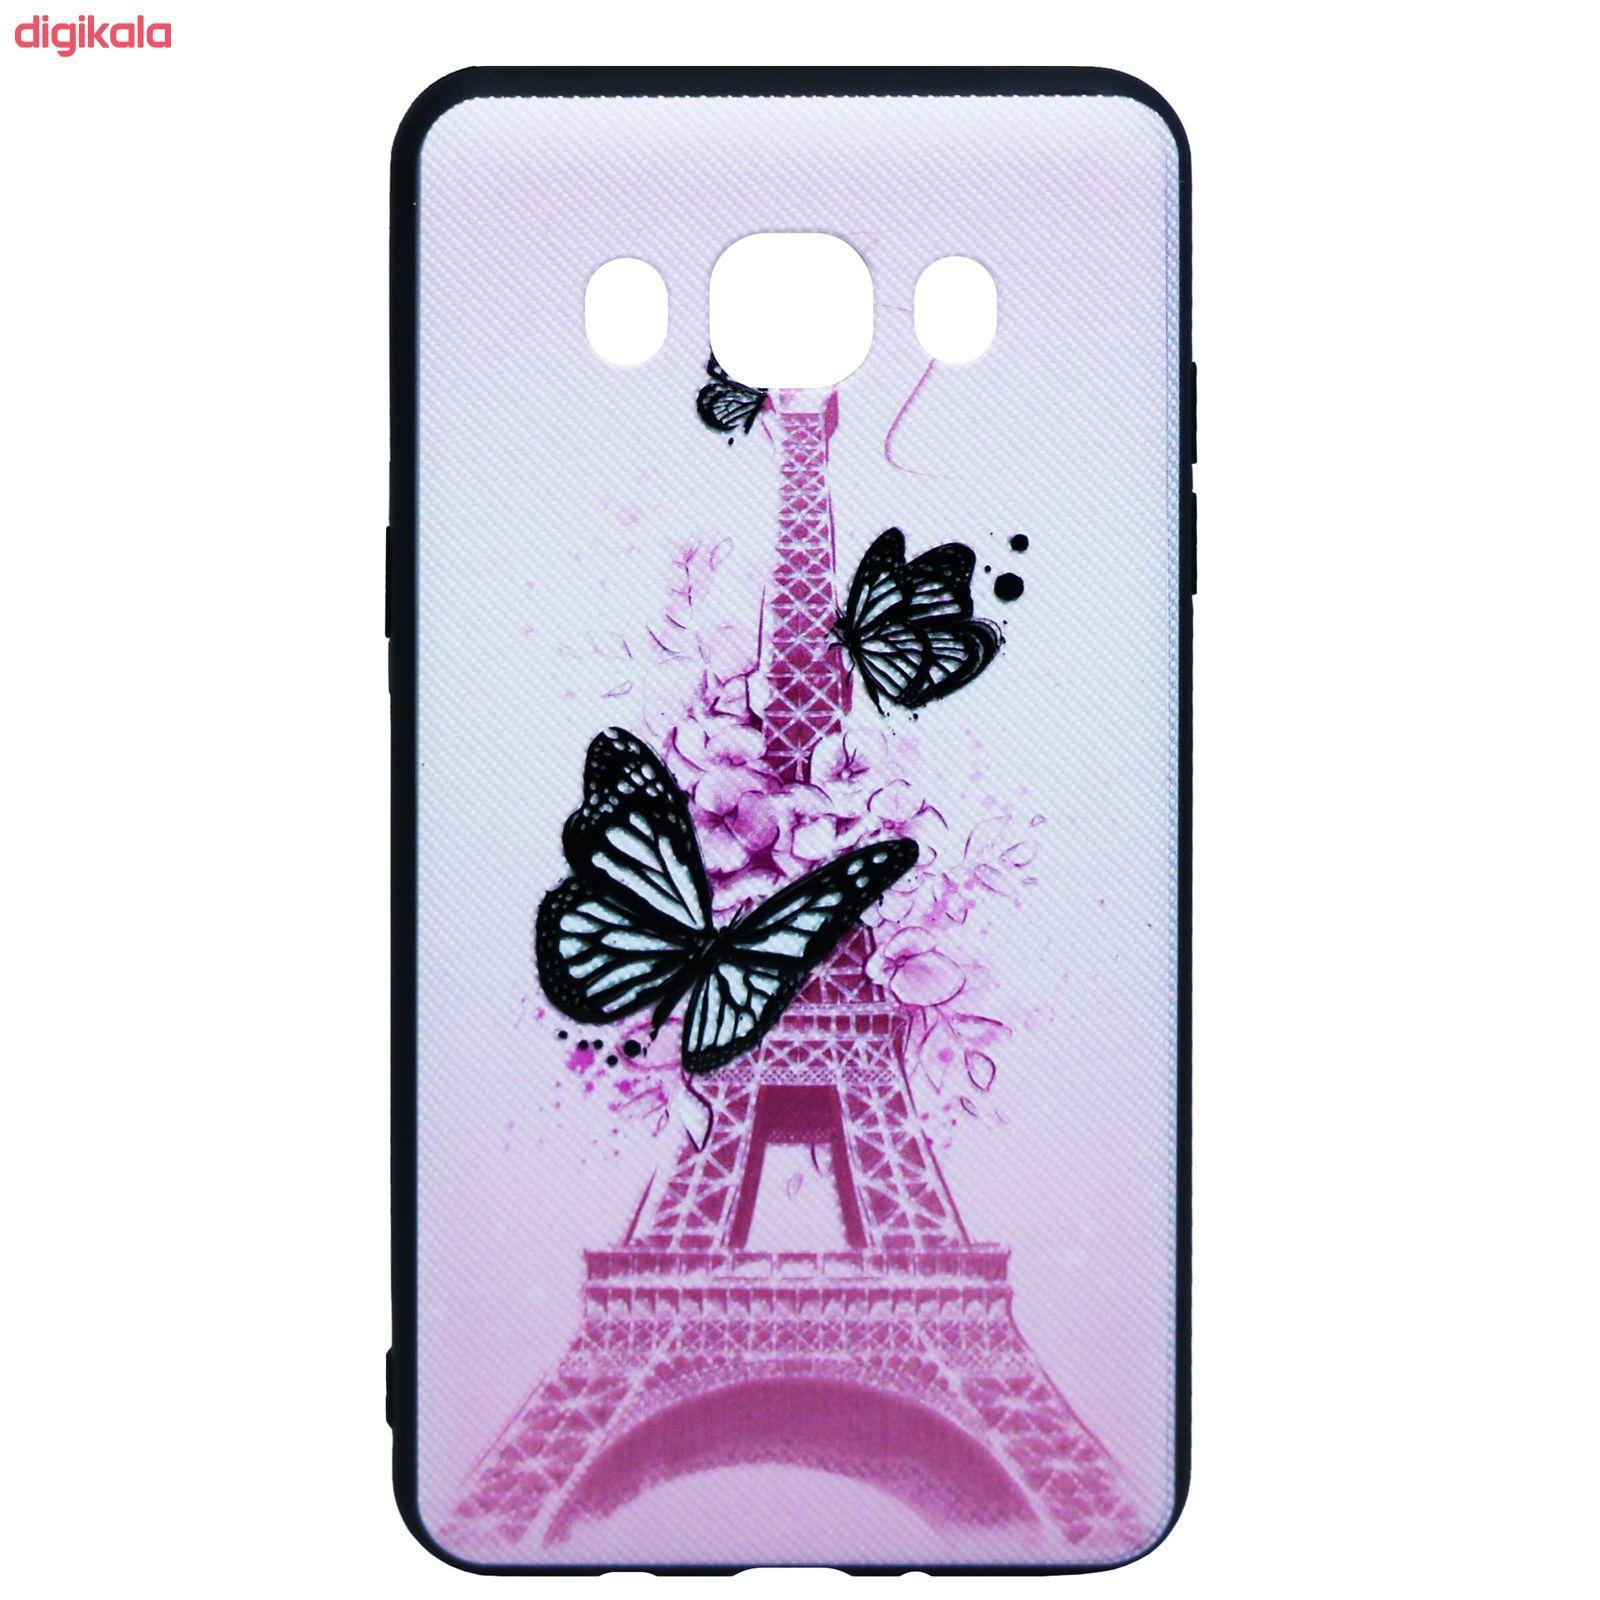 کاور طرح Eiffel مدل SS-01 مناسب برای گوشی موبایل سامسونگ 2016 Galaxy J5 main 1 1